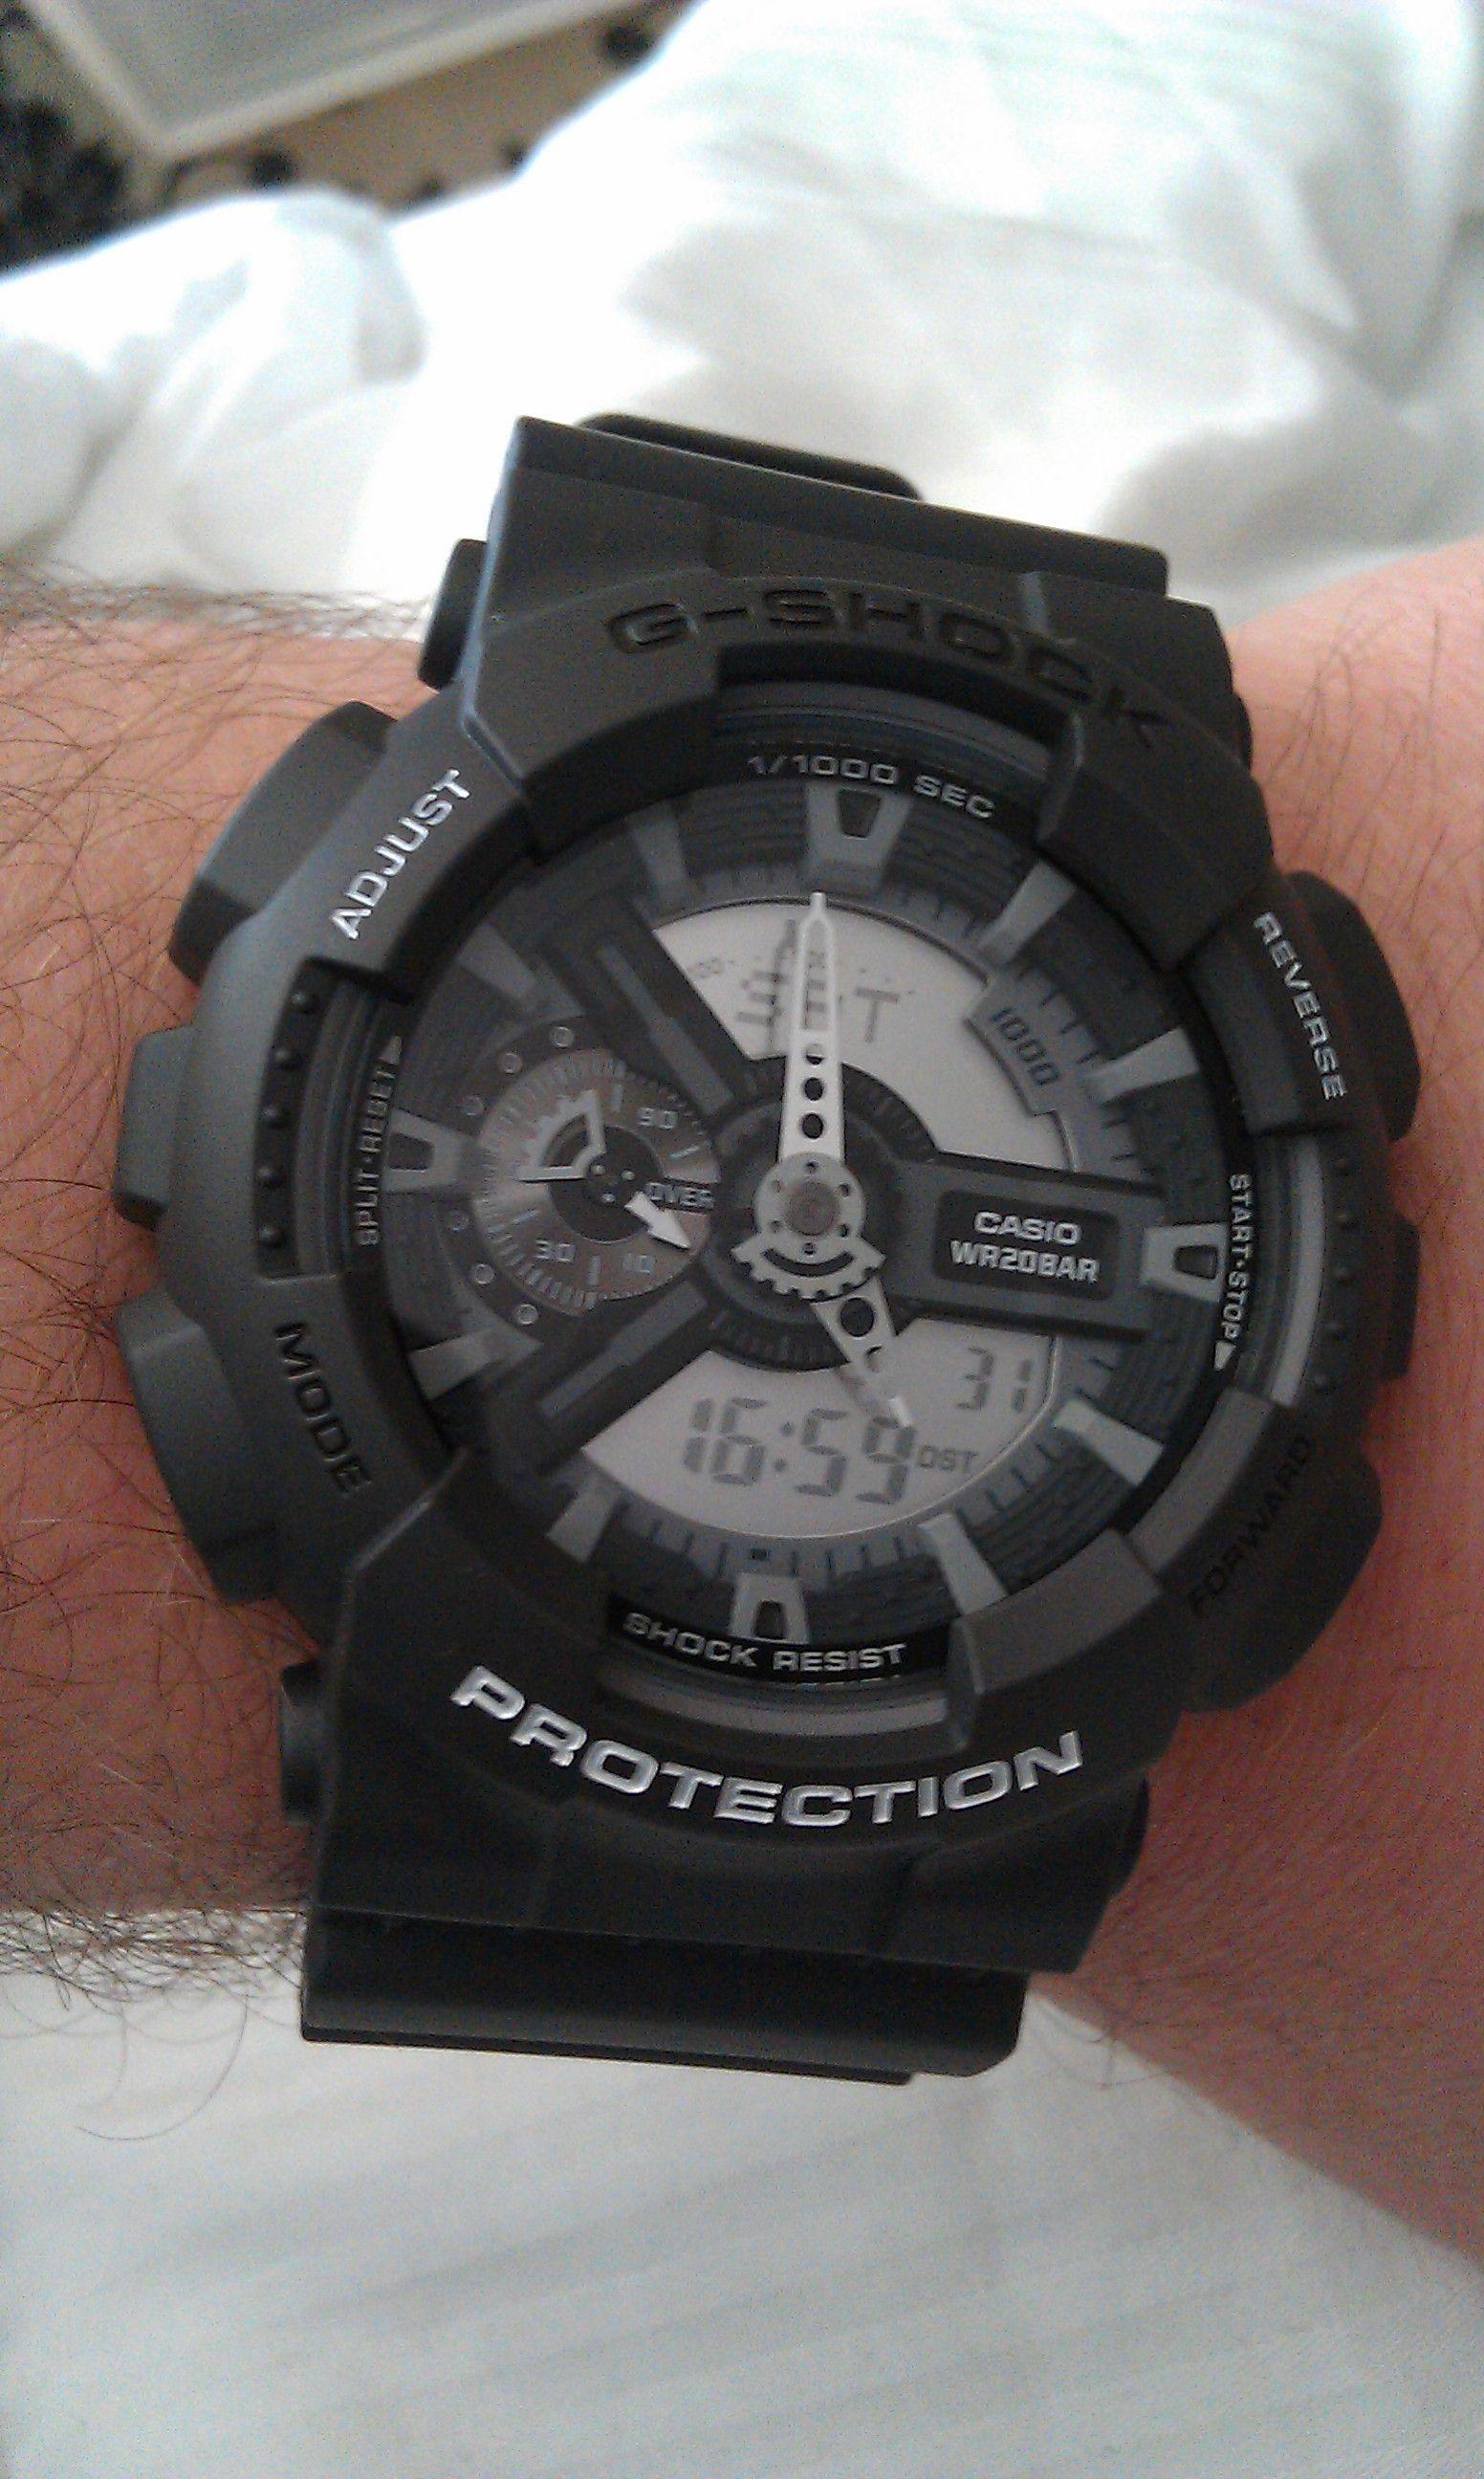 GSHOCK G shock watches, Tactical watch, Casio g shock